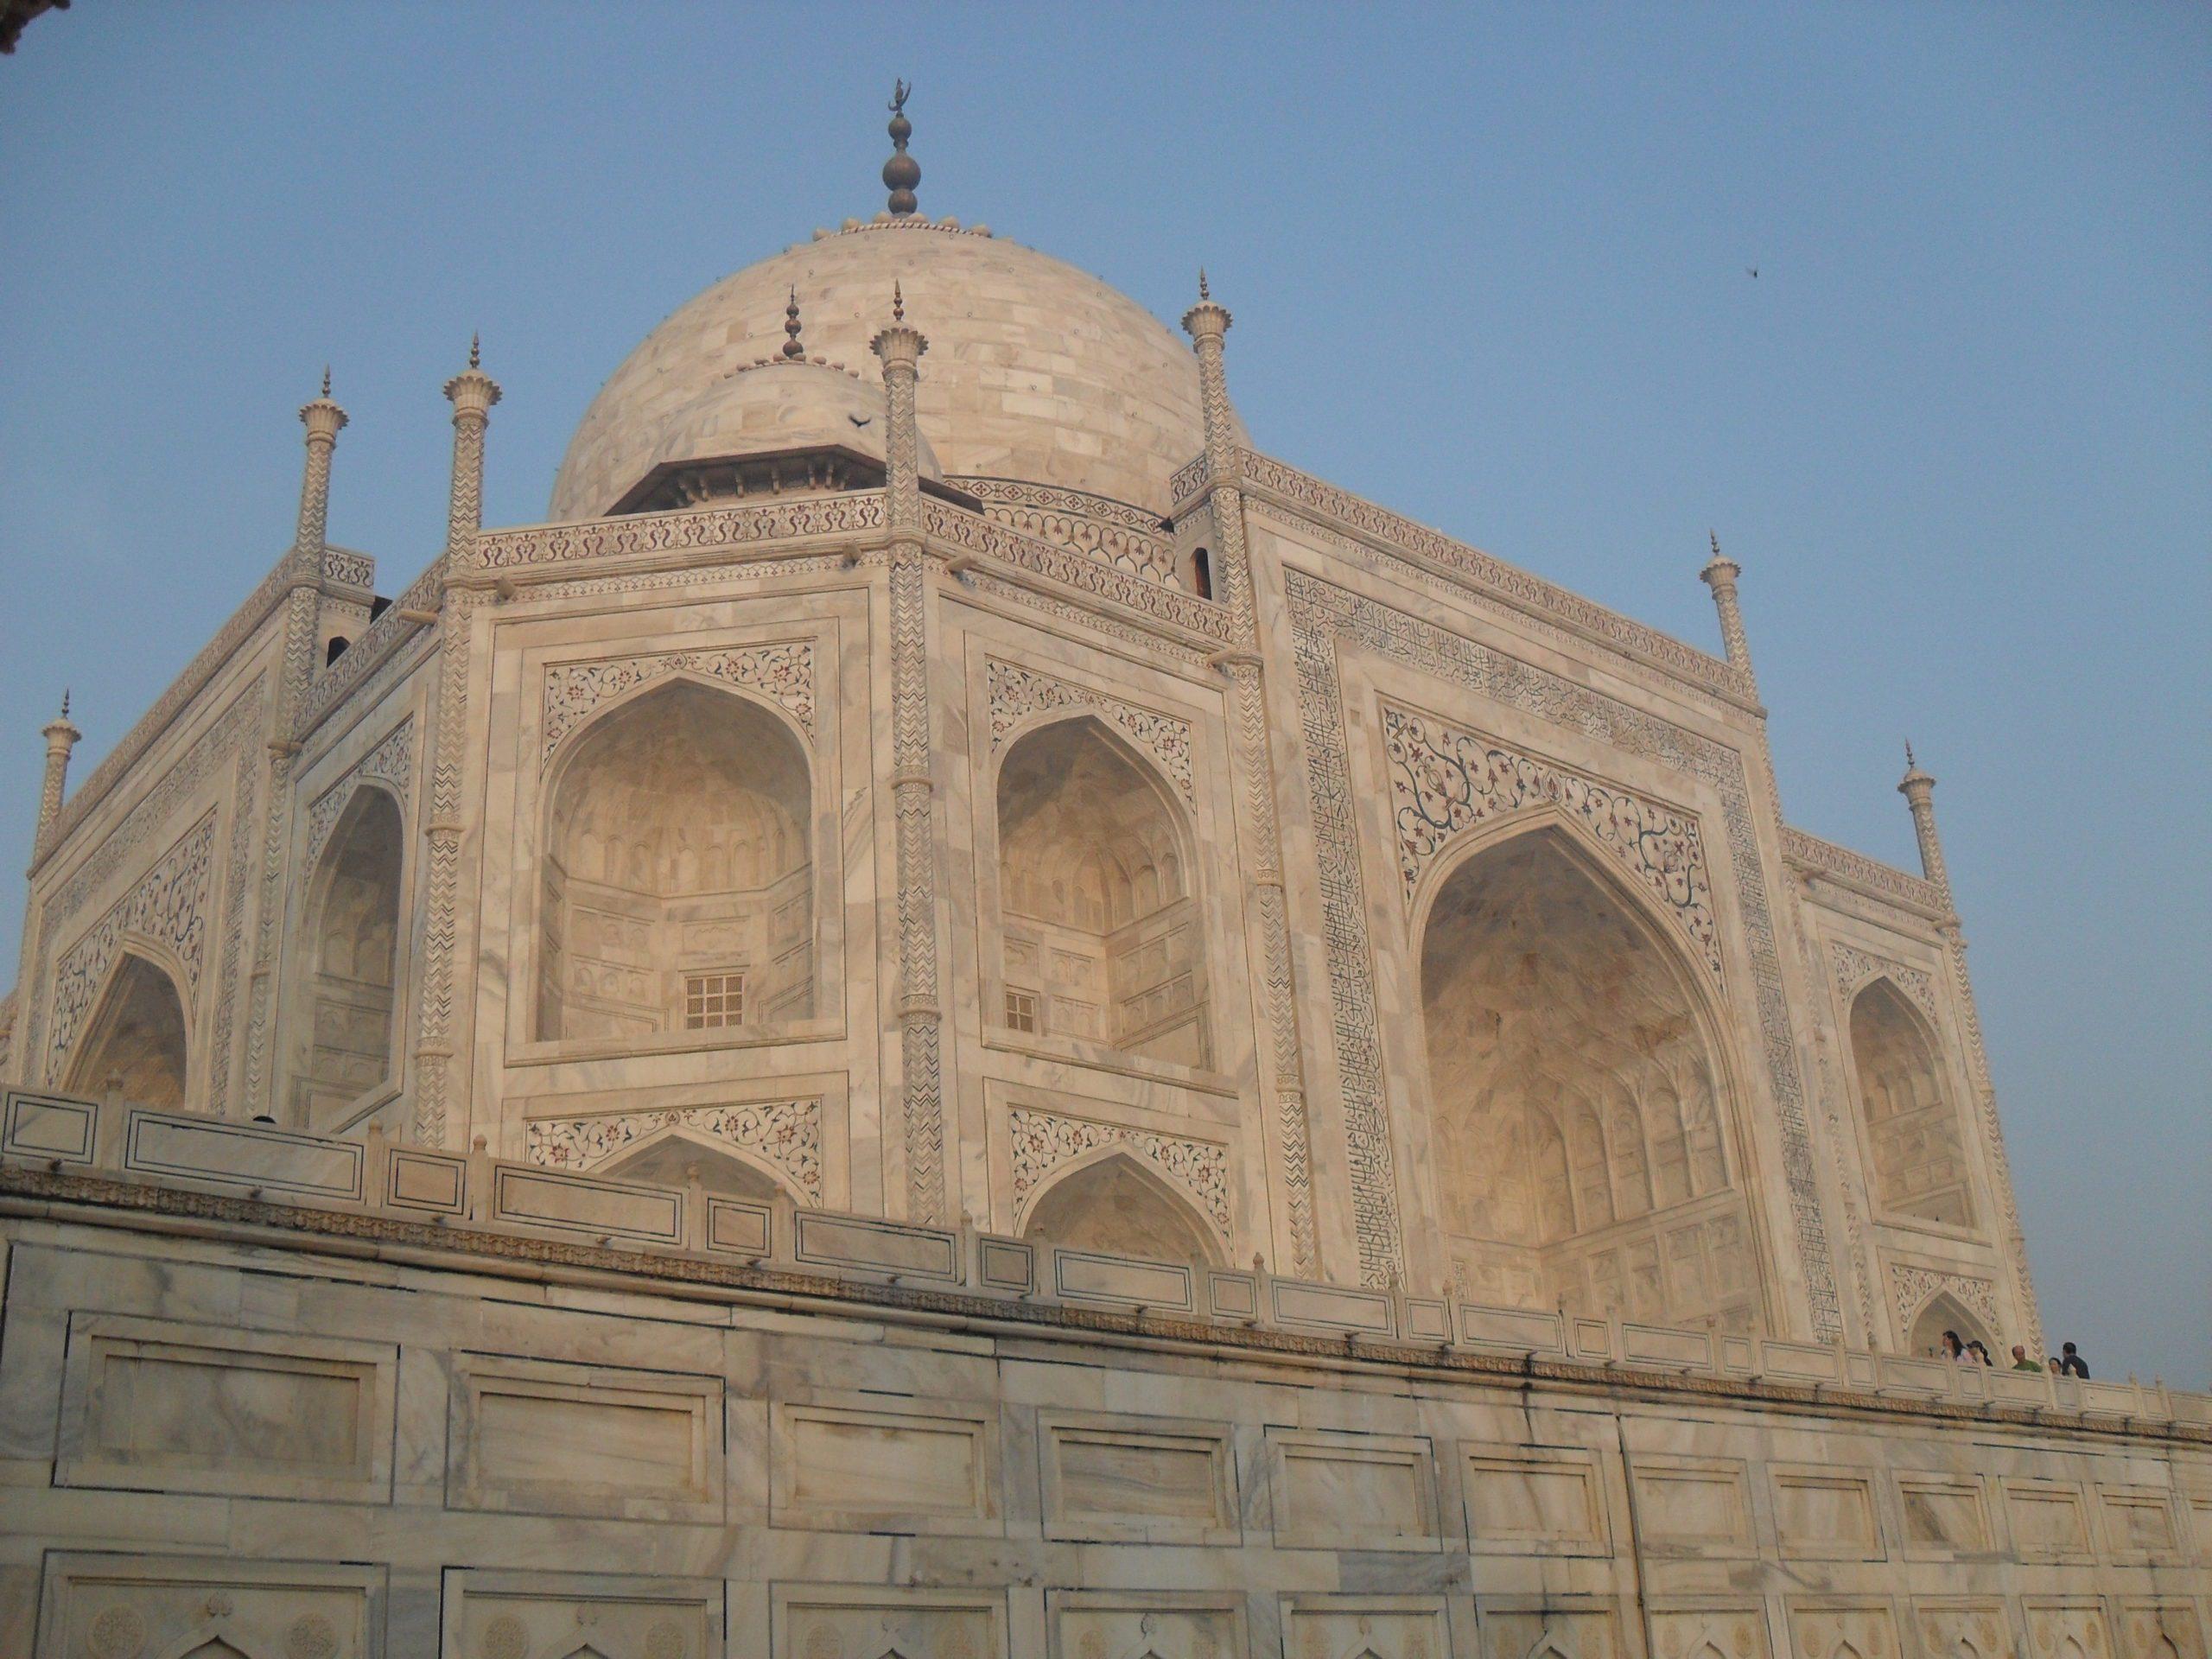 white marble of the Taj Mahal